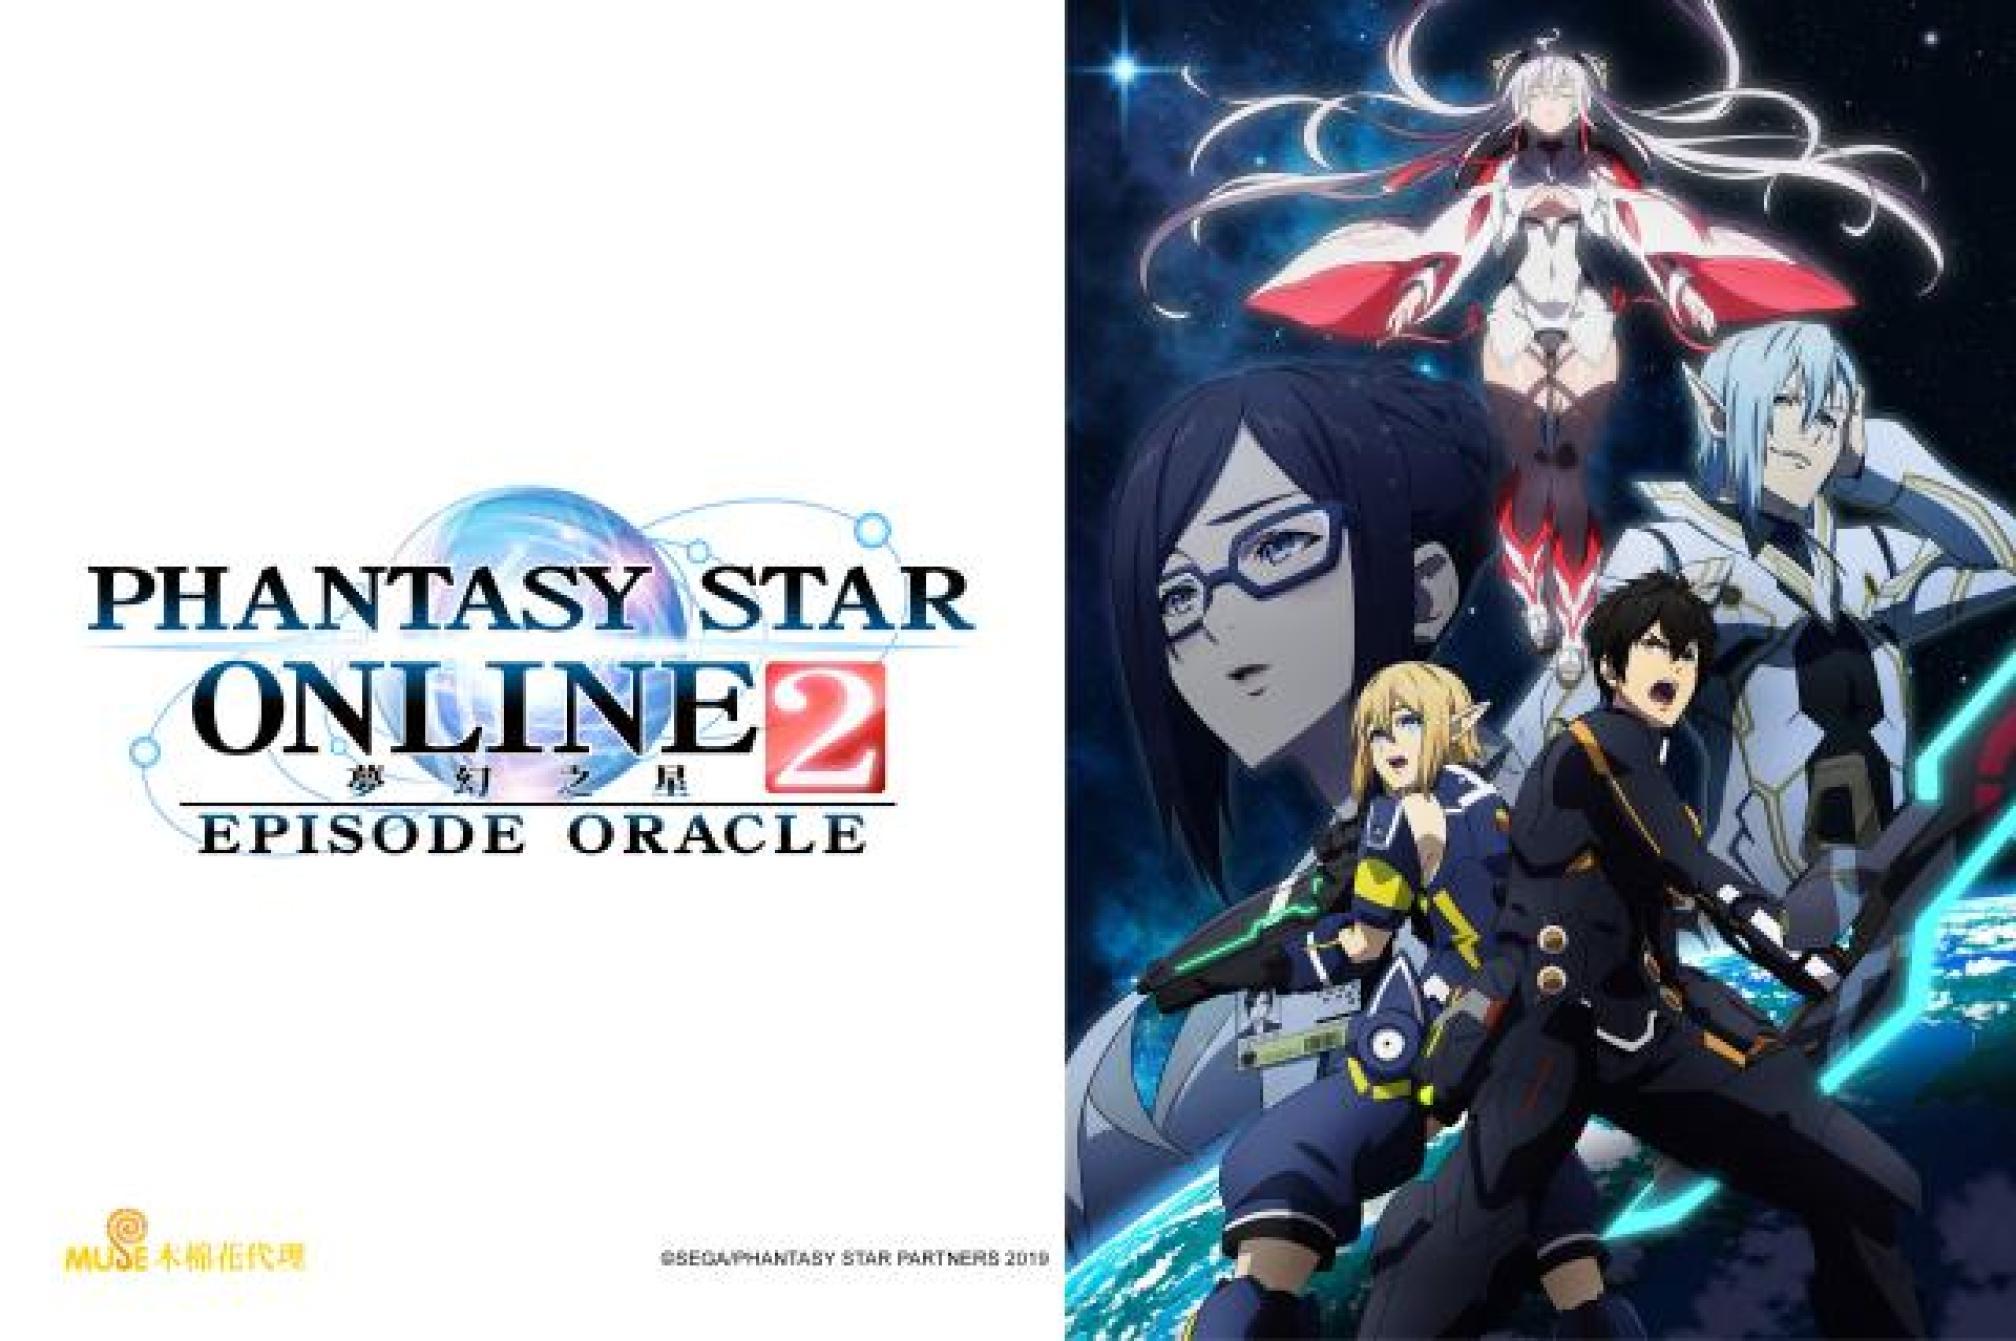 夢幻之星online 2 Episode Oracle劇照 1